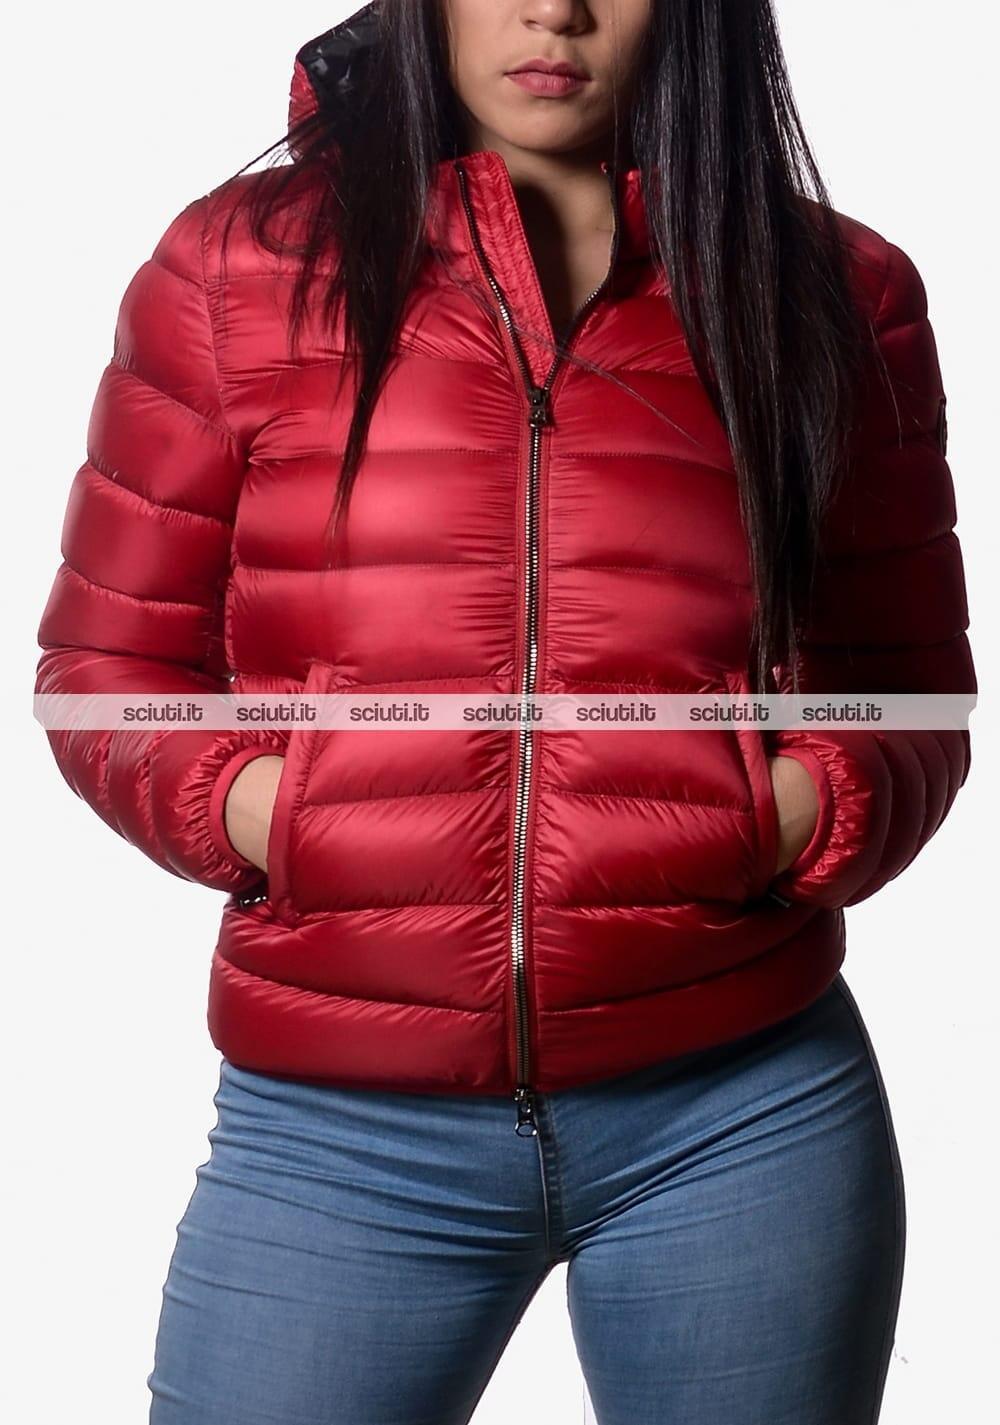 new style b1e98 c1112 Piumino Colmar donna pesante con cappuccio rosso